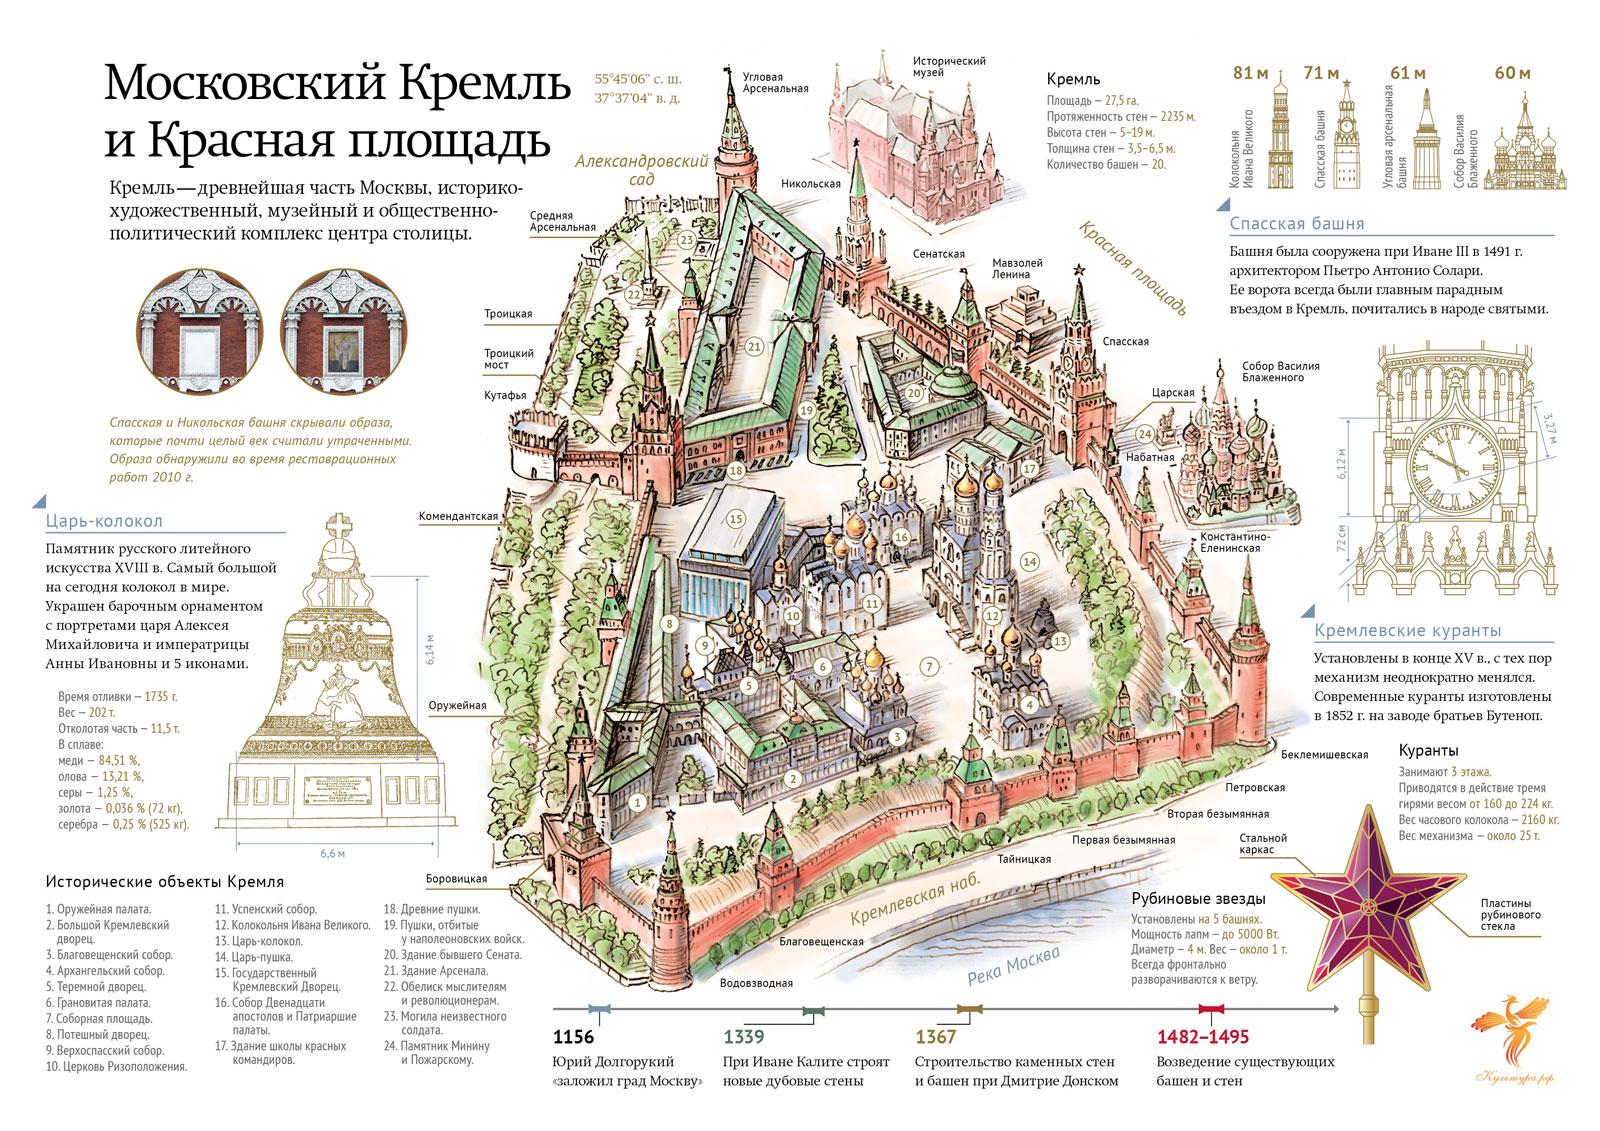 Схема московского кремля на английском